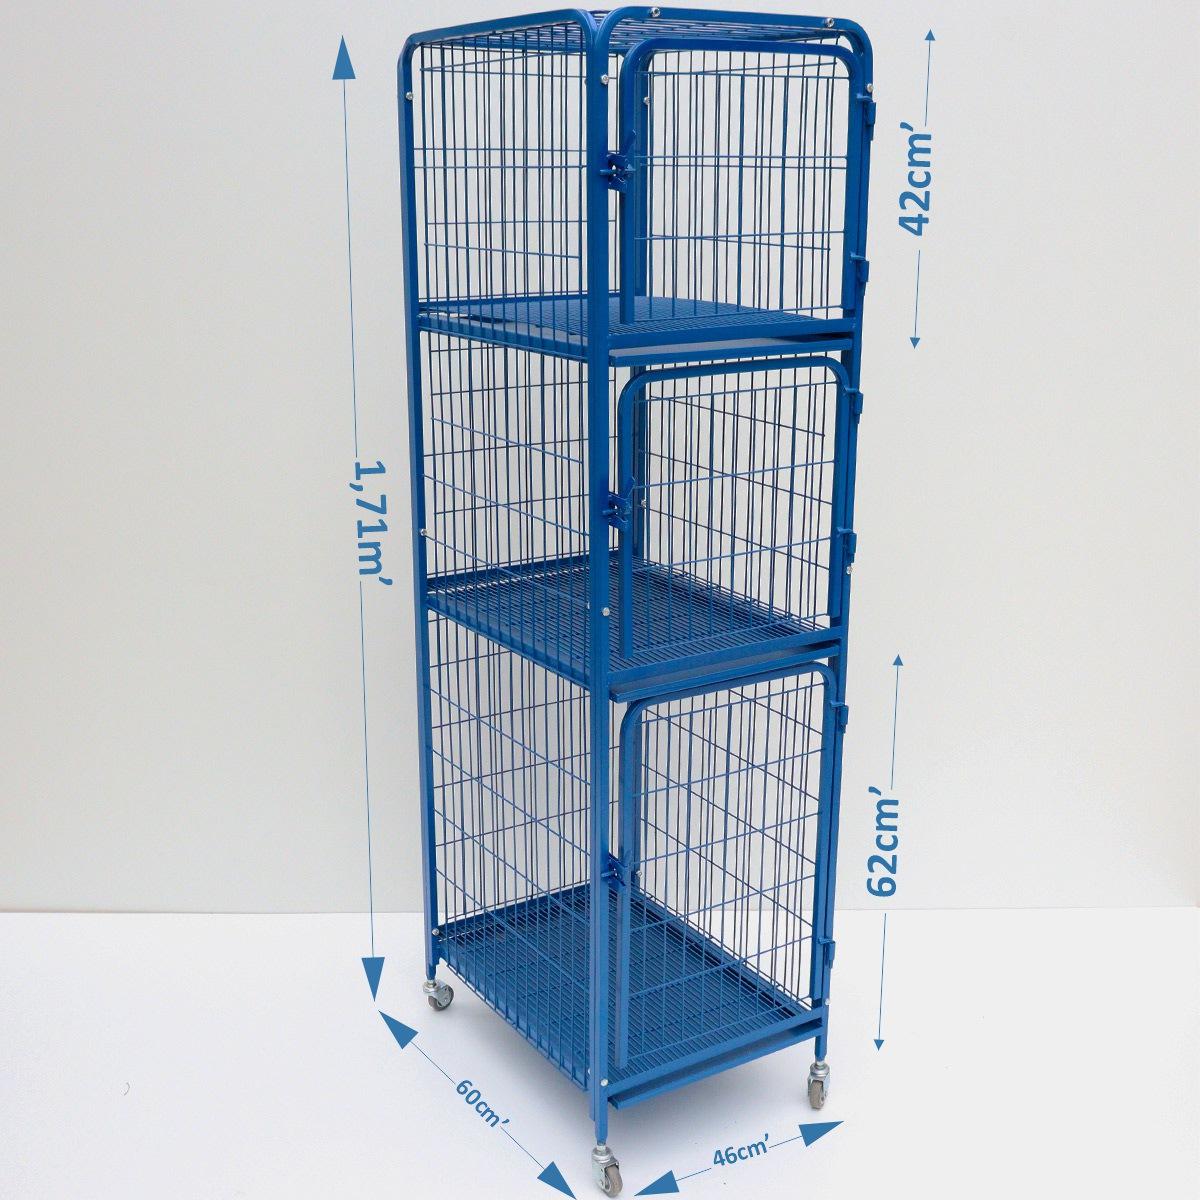 Canil Gatil Gaiola 3 Lugares Pet Shop Veterinária-Azul